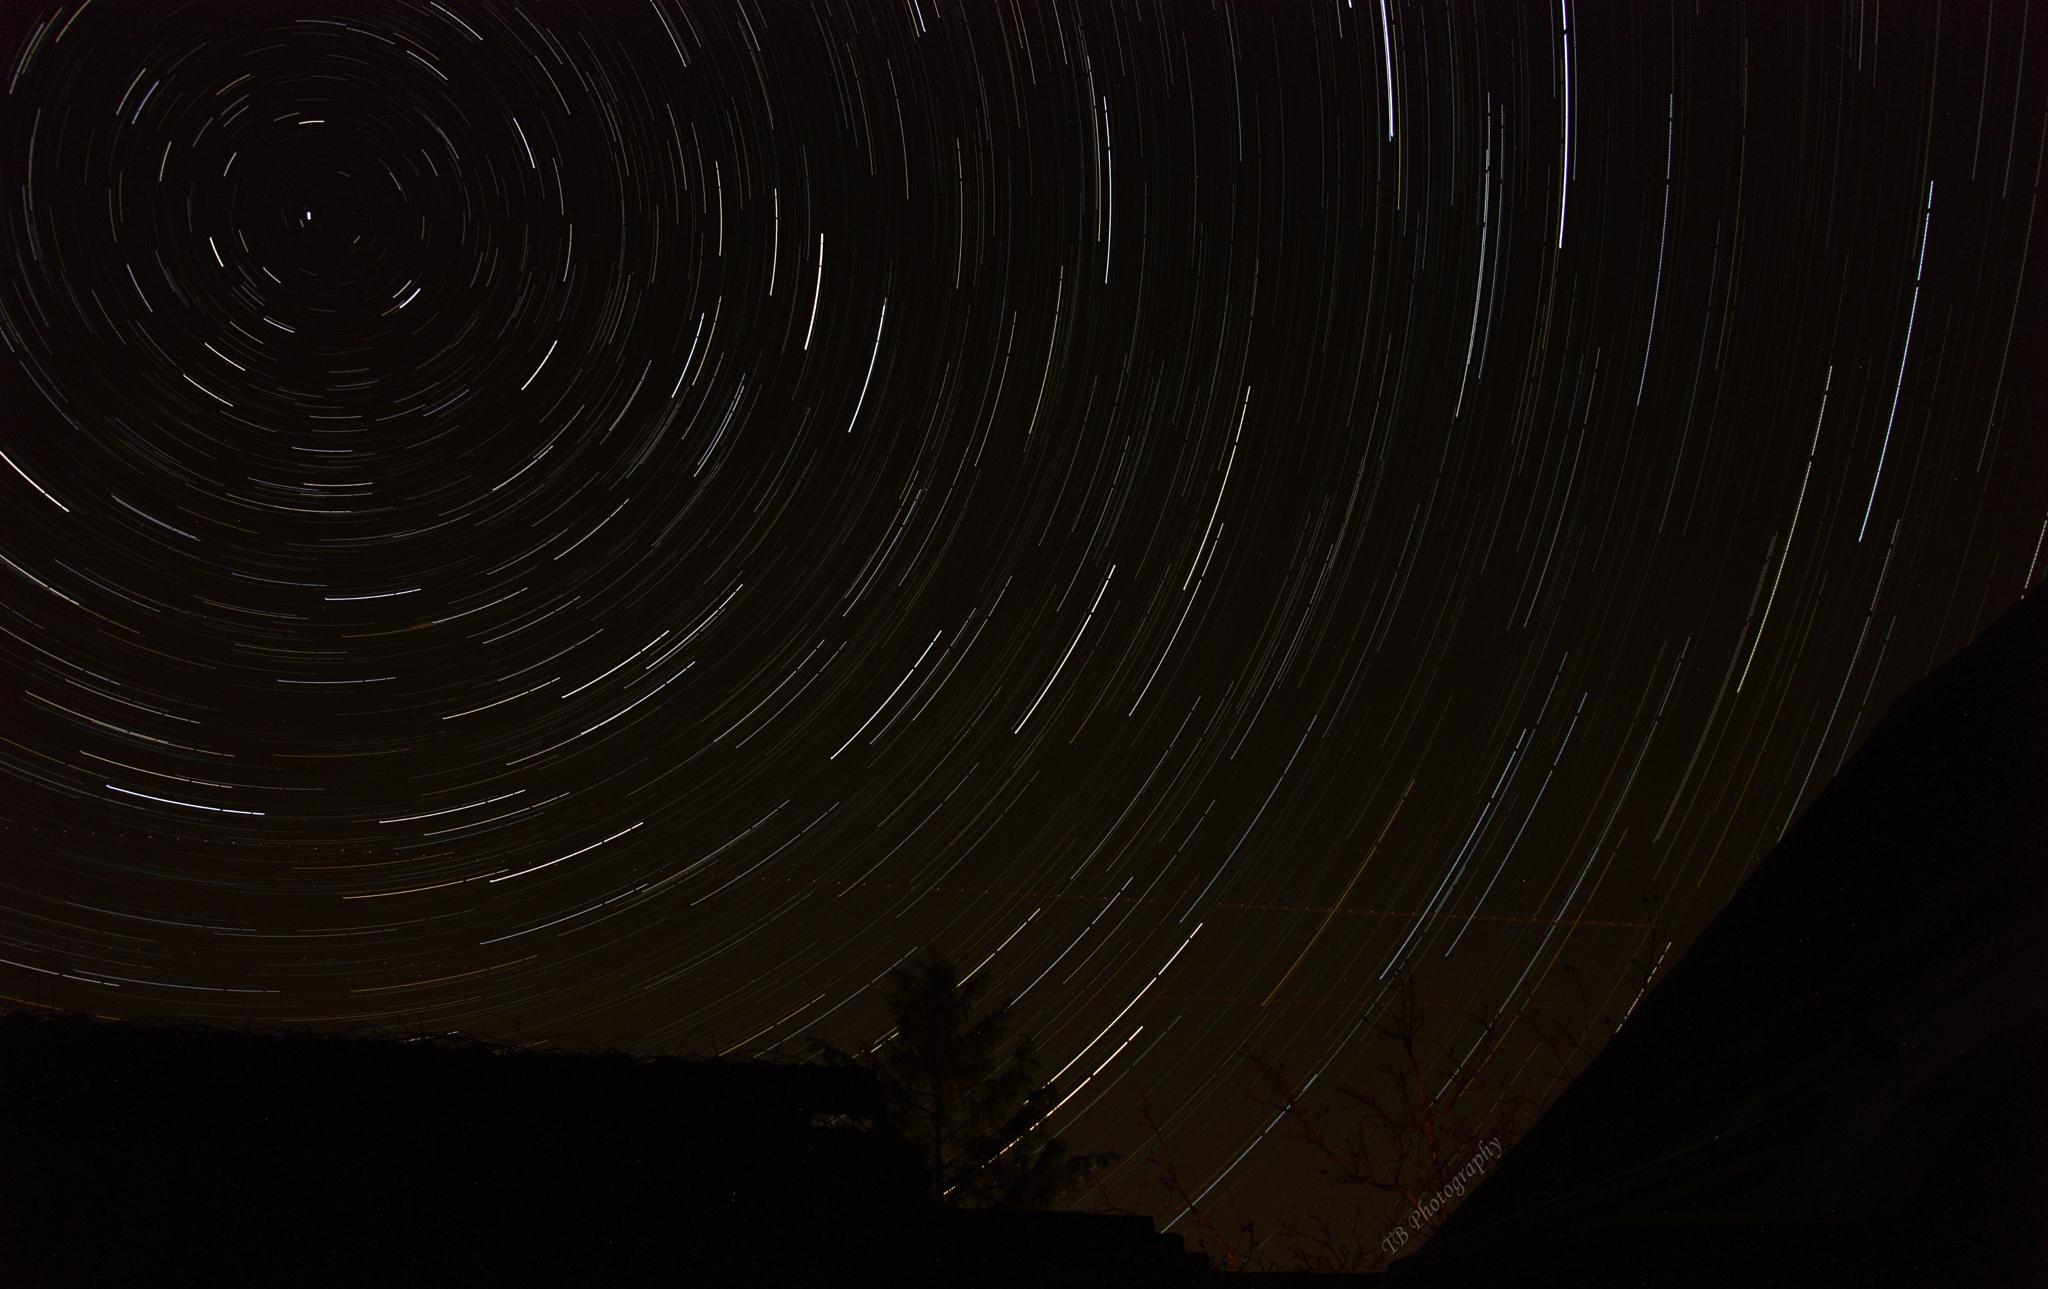 Star trails by Tomas Blanar